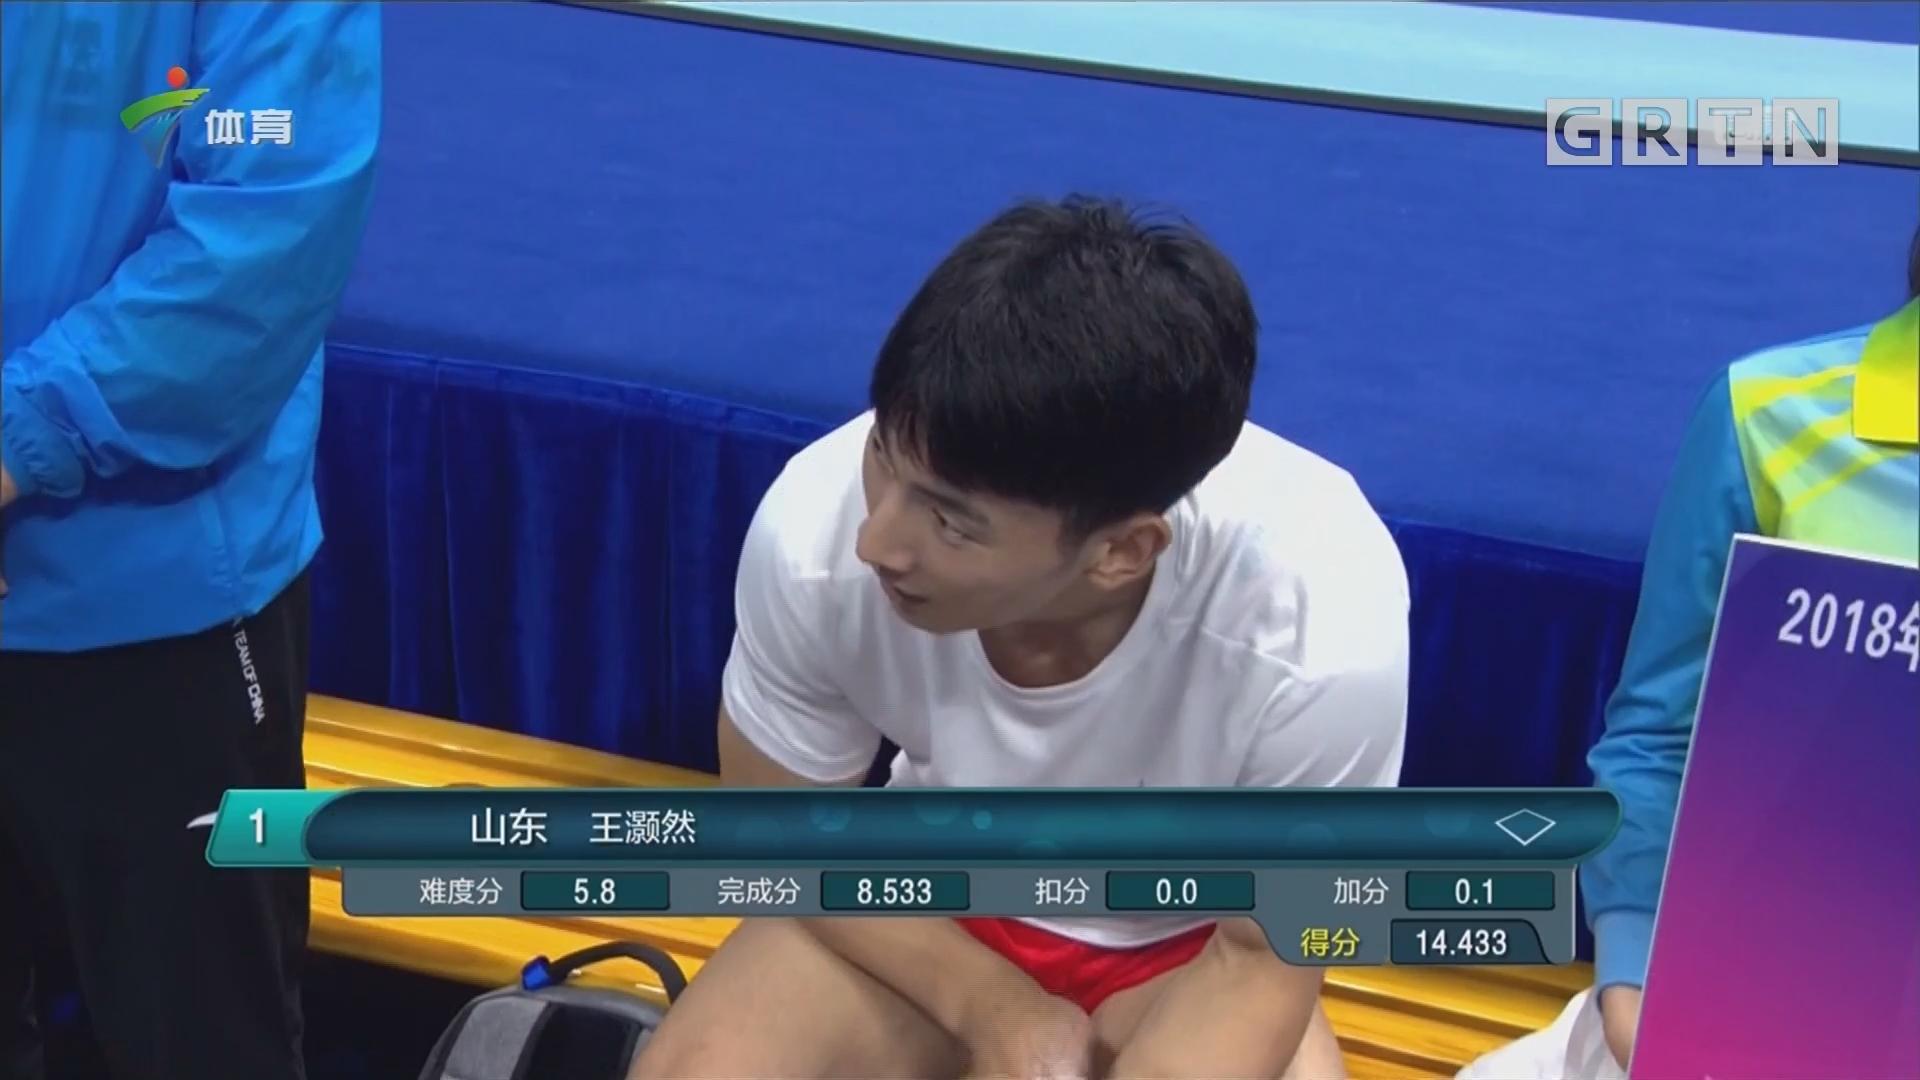 多项单项决赛结束 广东队摘得一铜牌